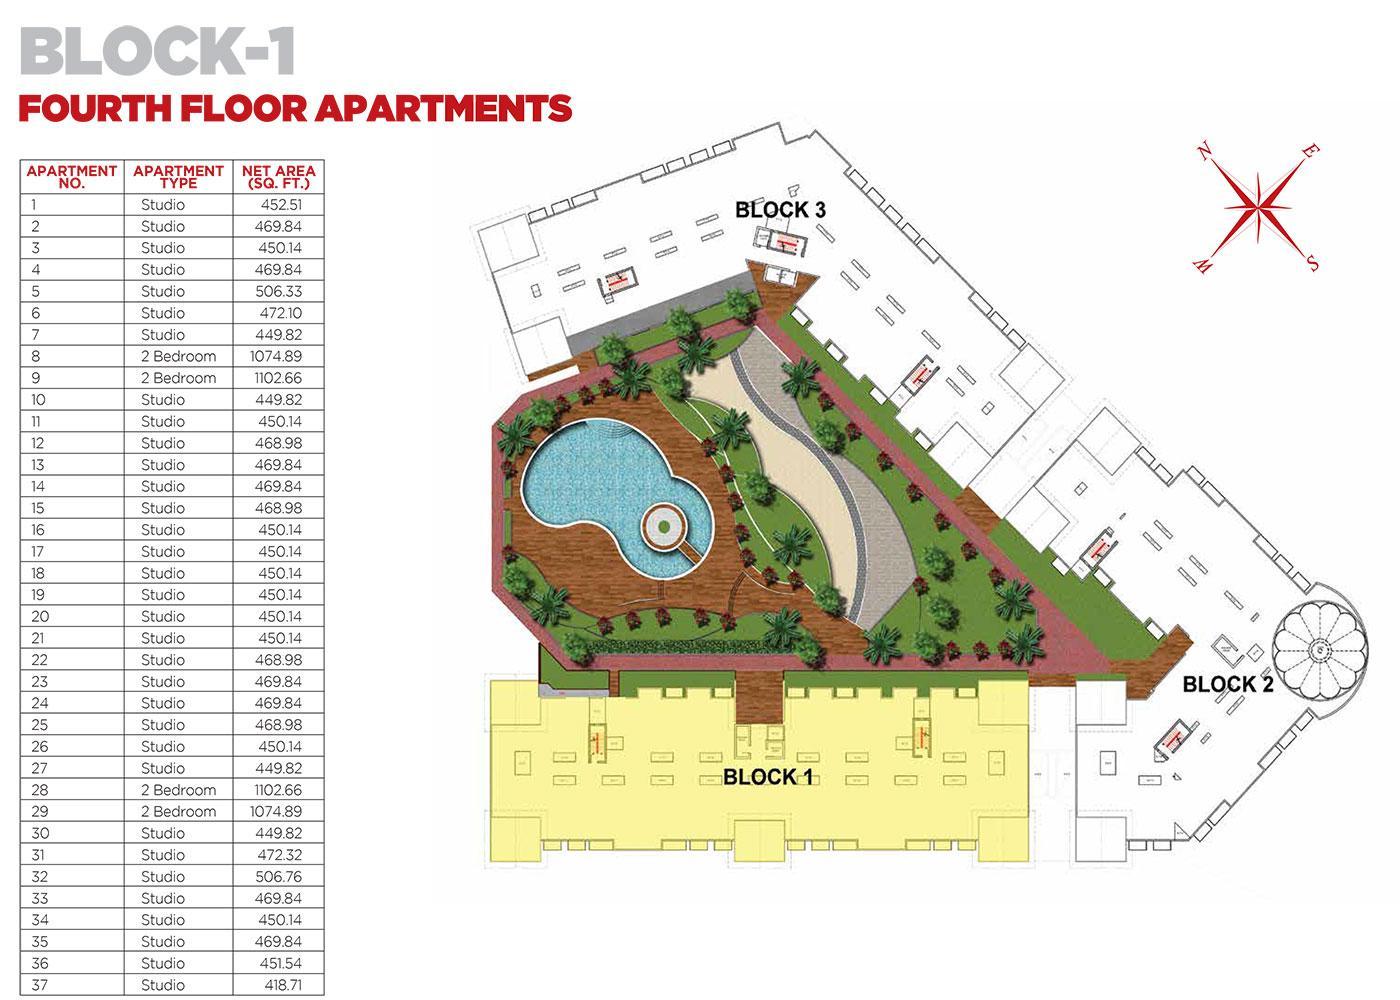 Fourth Floor Apartments Block 1